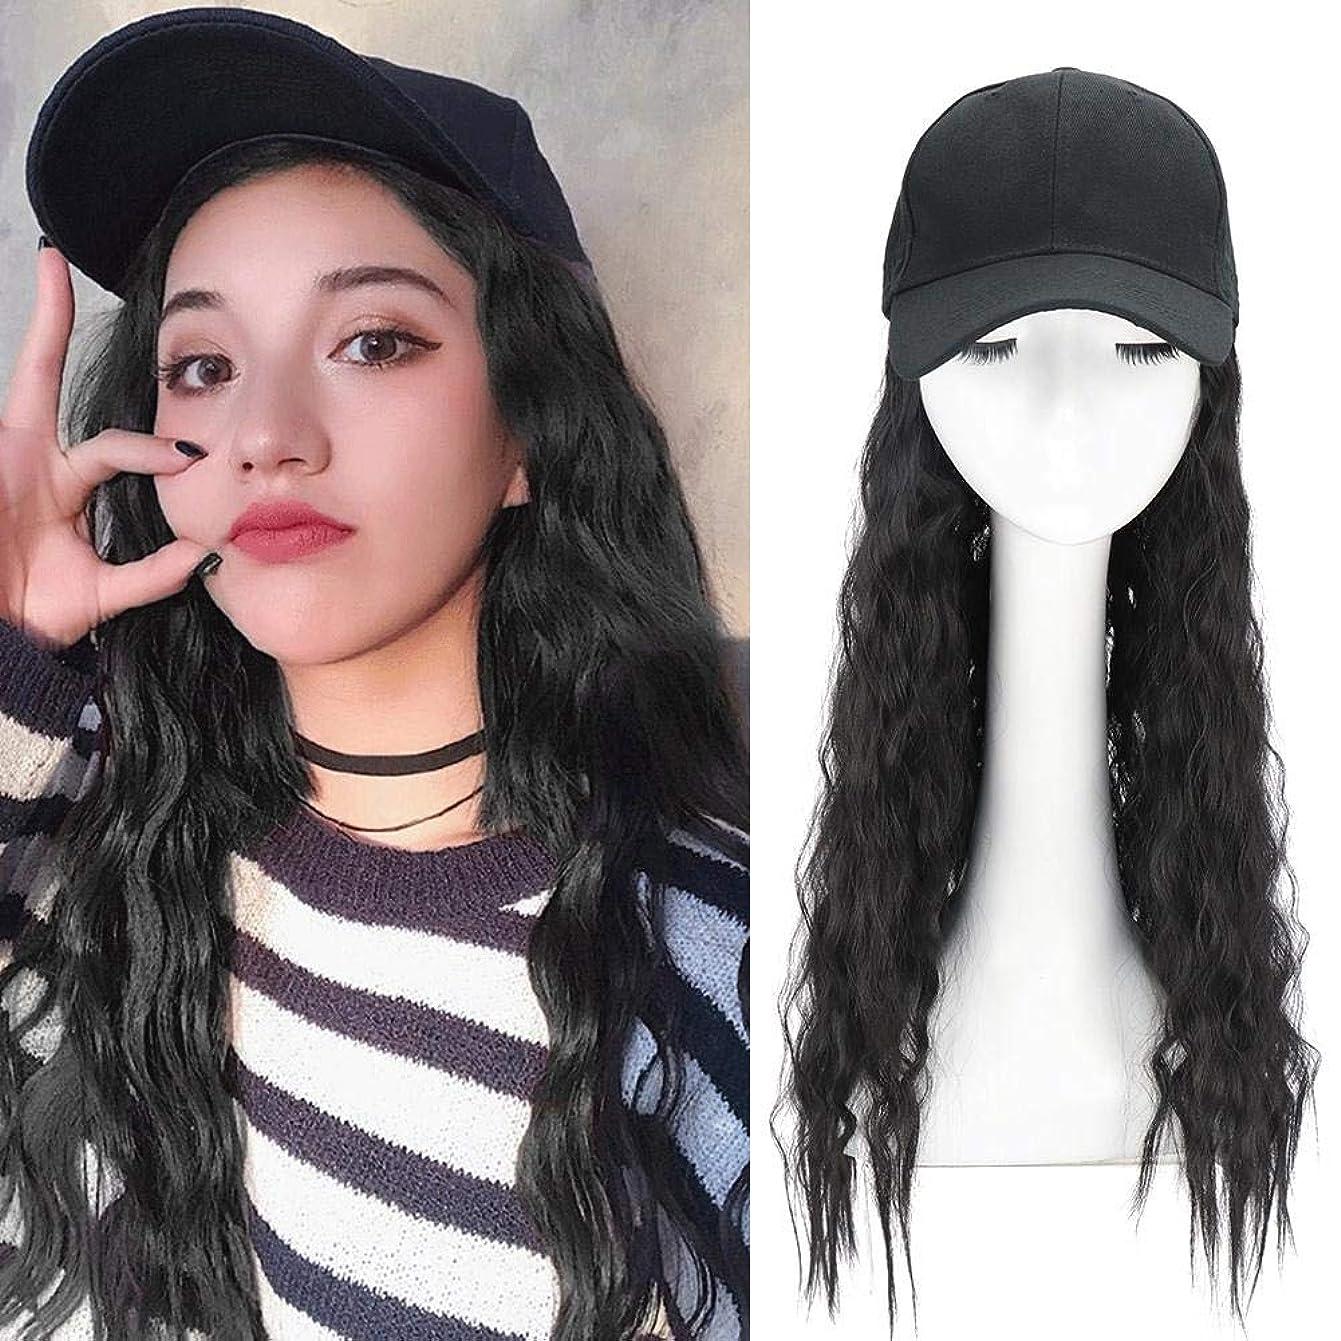 許容できるジレンマ波紋長い巻き毛を持つ合成長波野球帽合成毛を持つ波状かつらキャップ女の子のための髪を持つ調整可能な野球帽帽子